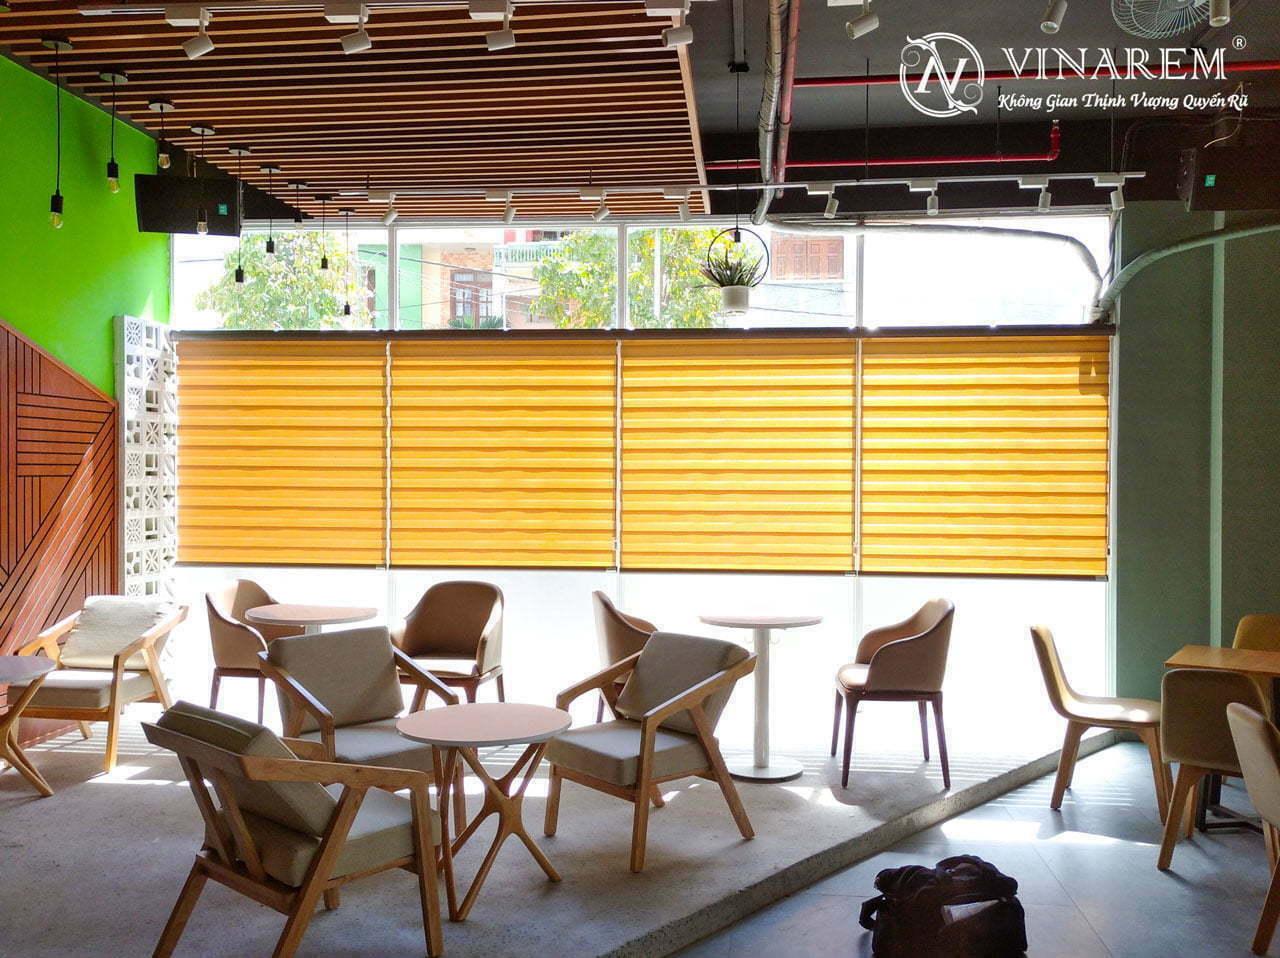 Rèm cầu vồng cao cấp cho quán cà phê | Vinarem